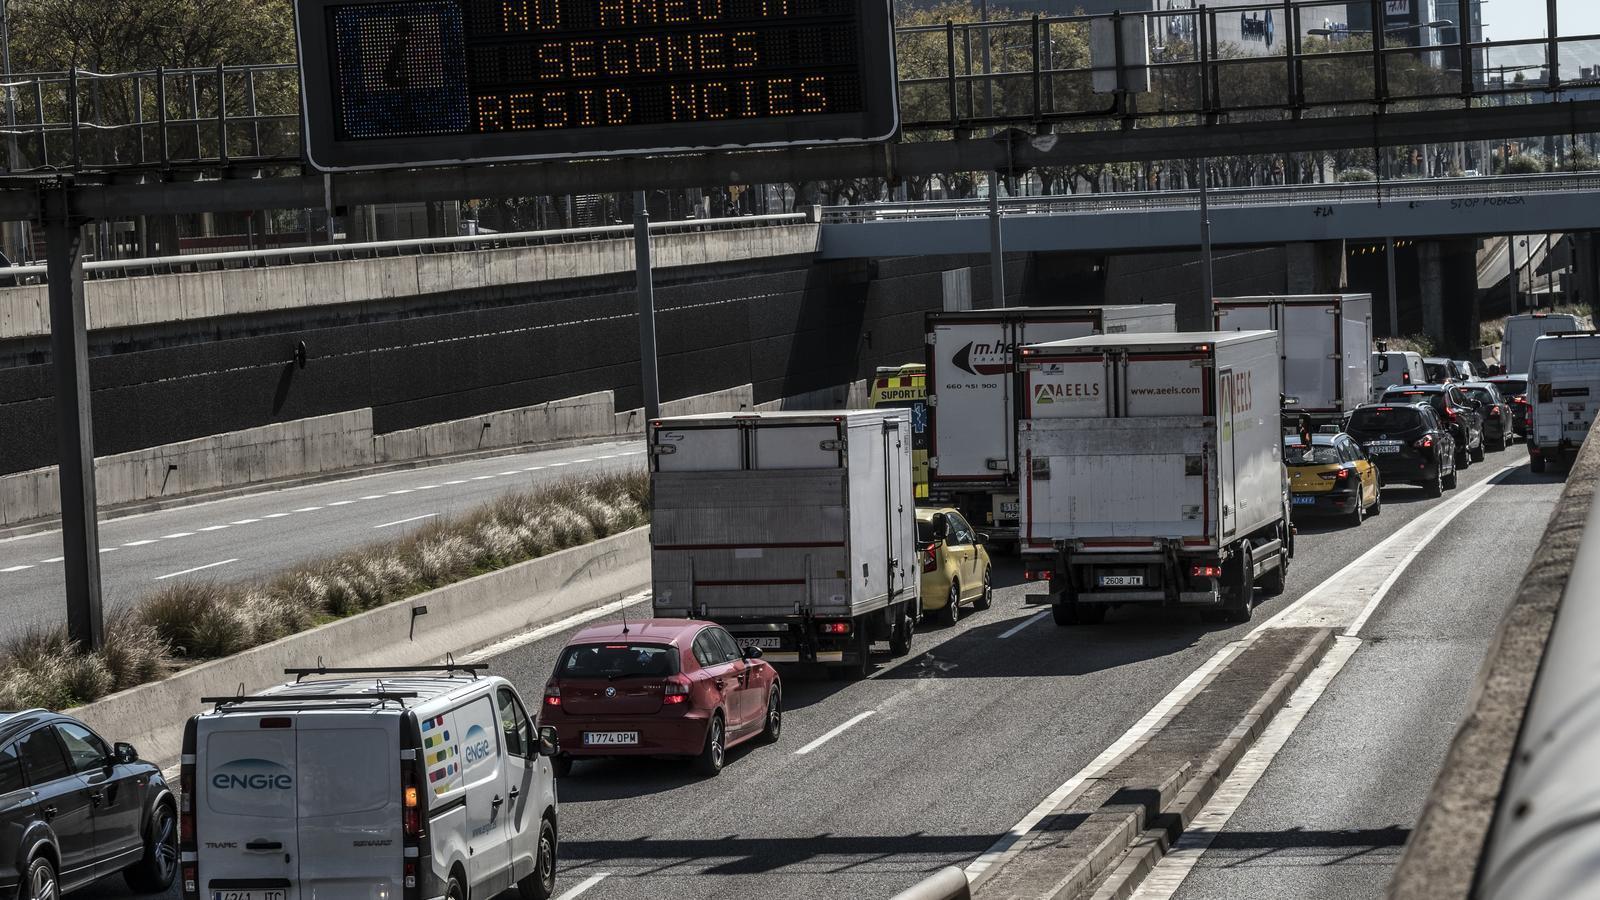 El trànsit torna a baixar en l'operació sortida de Setmana Santa